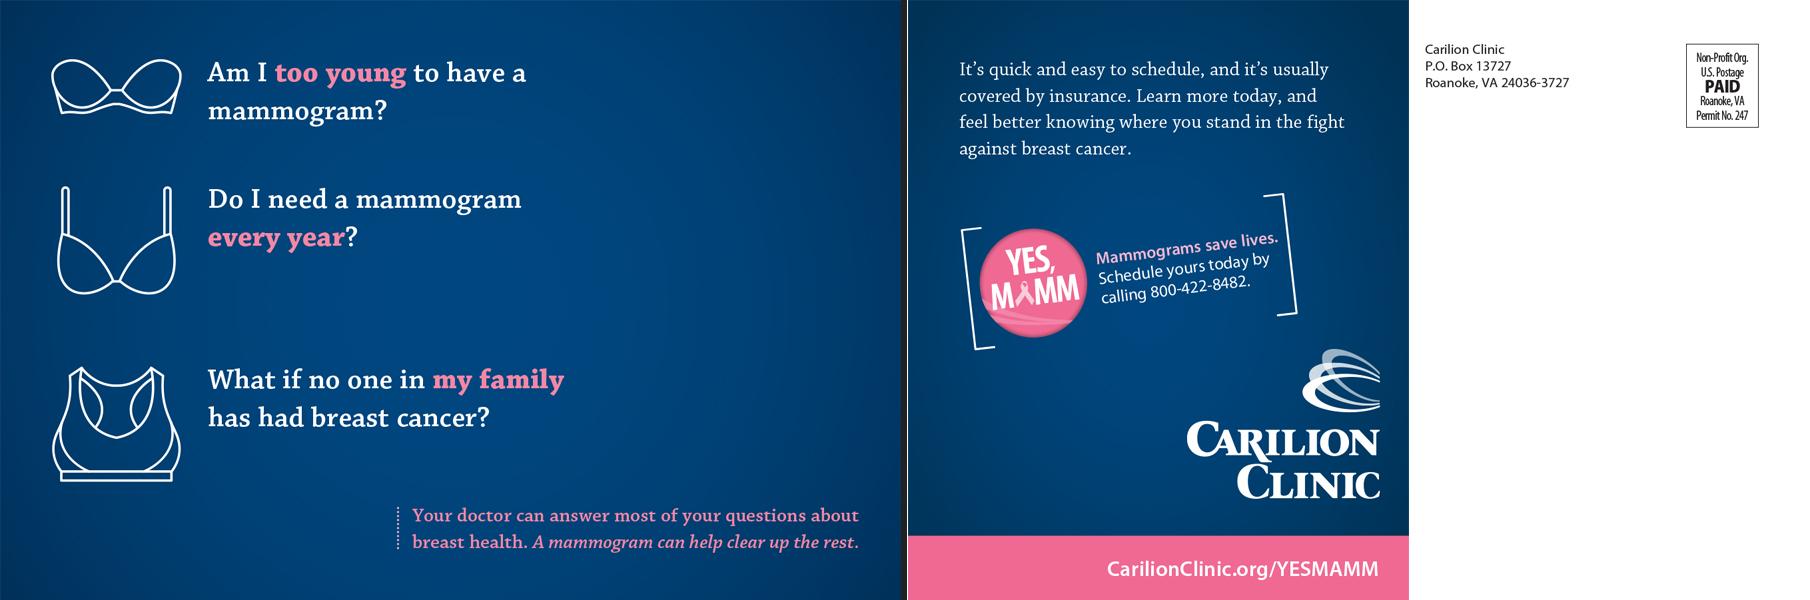 Mammo Refresh_Direct Mail.jpg